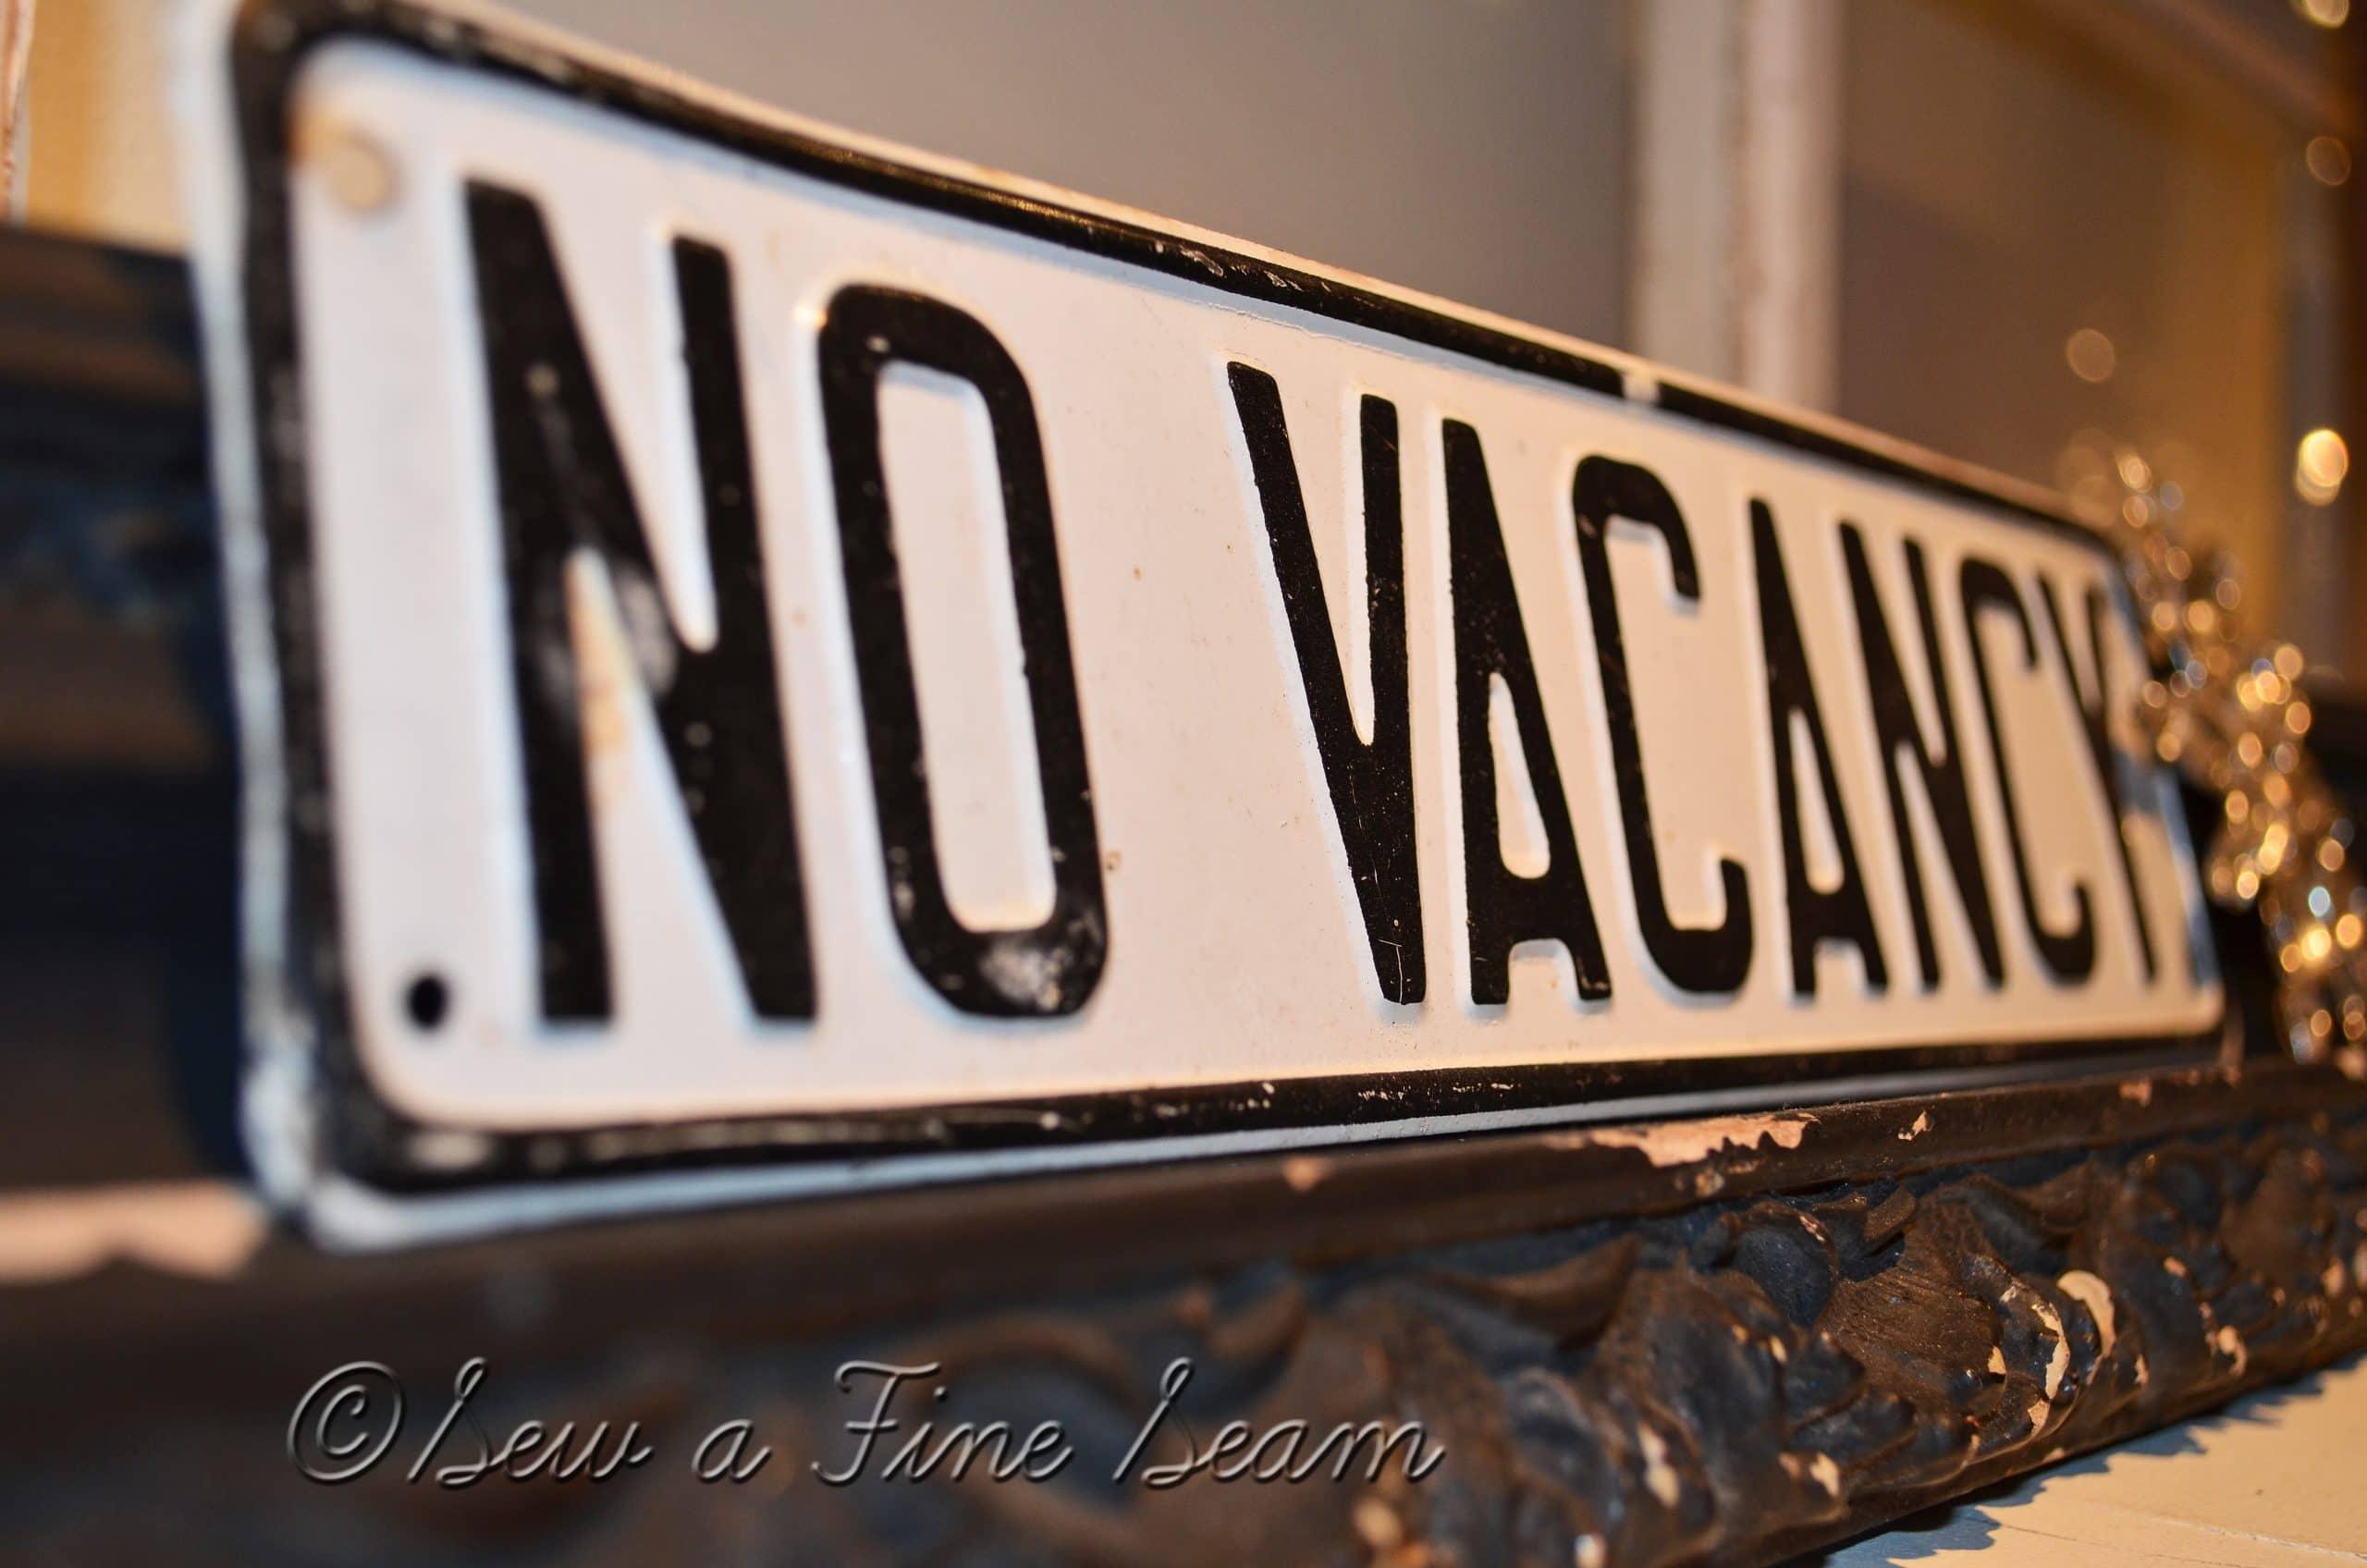 No Vacancy?